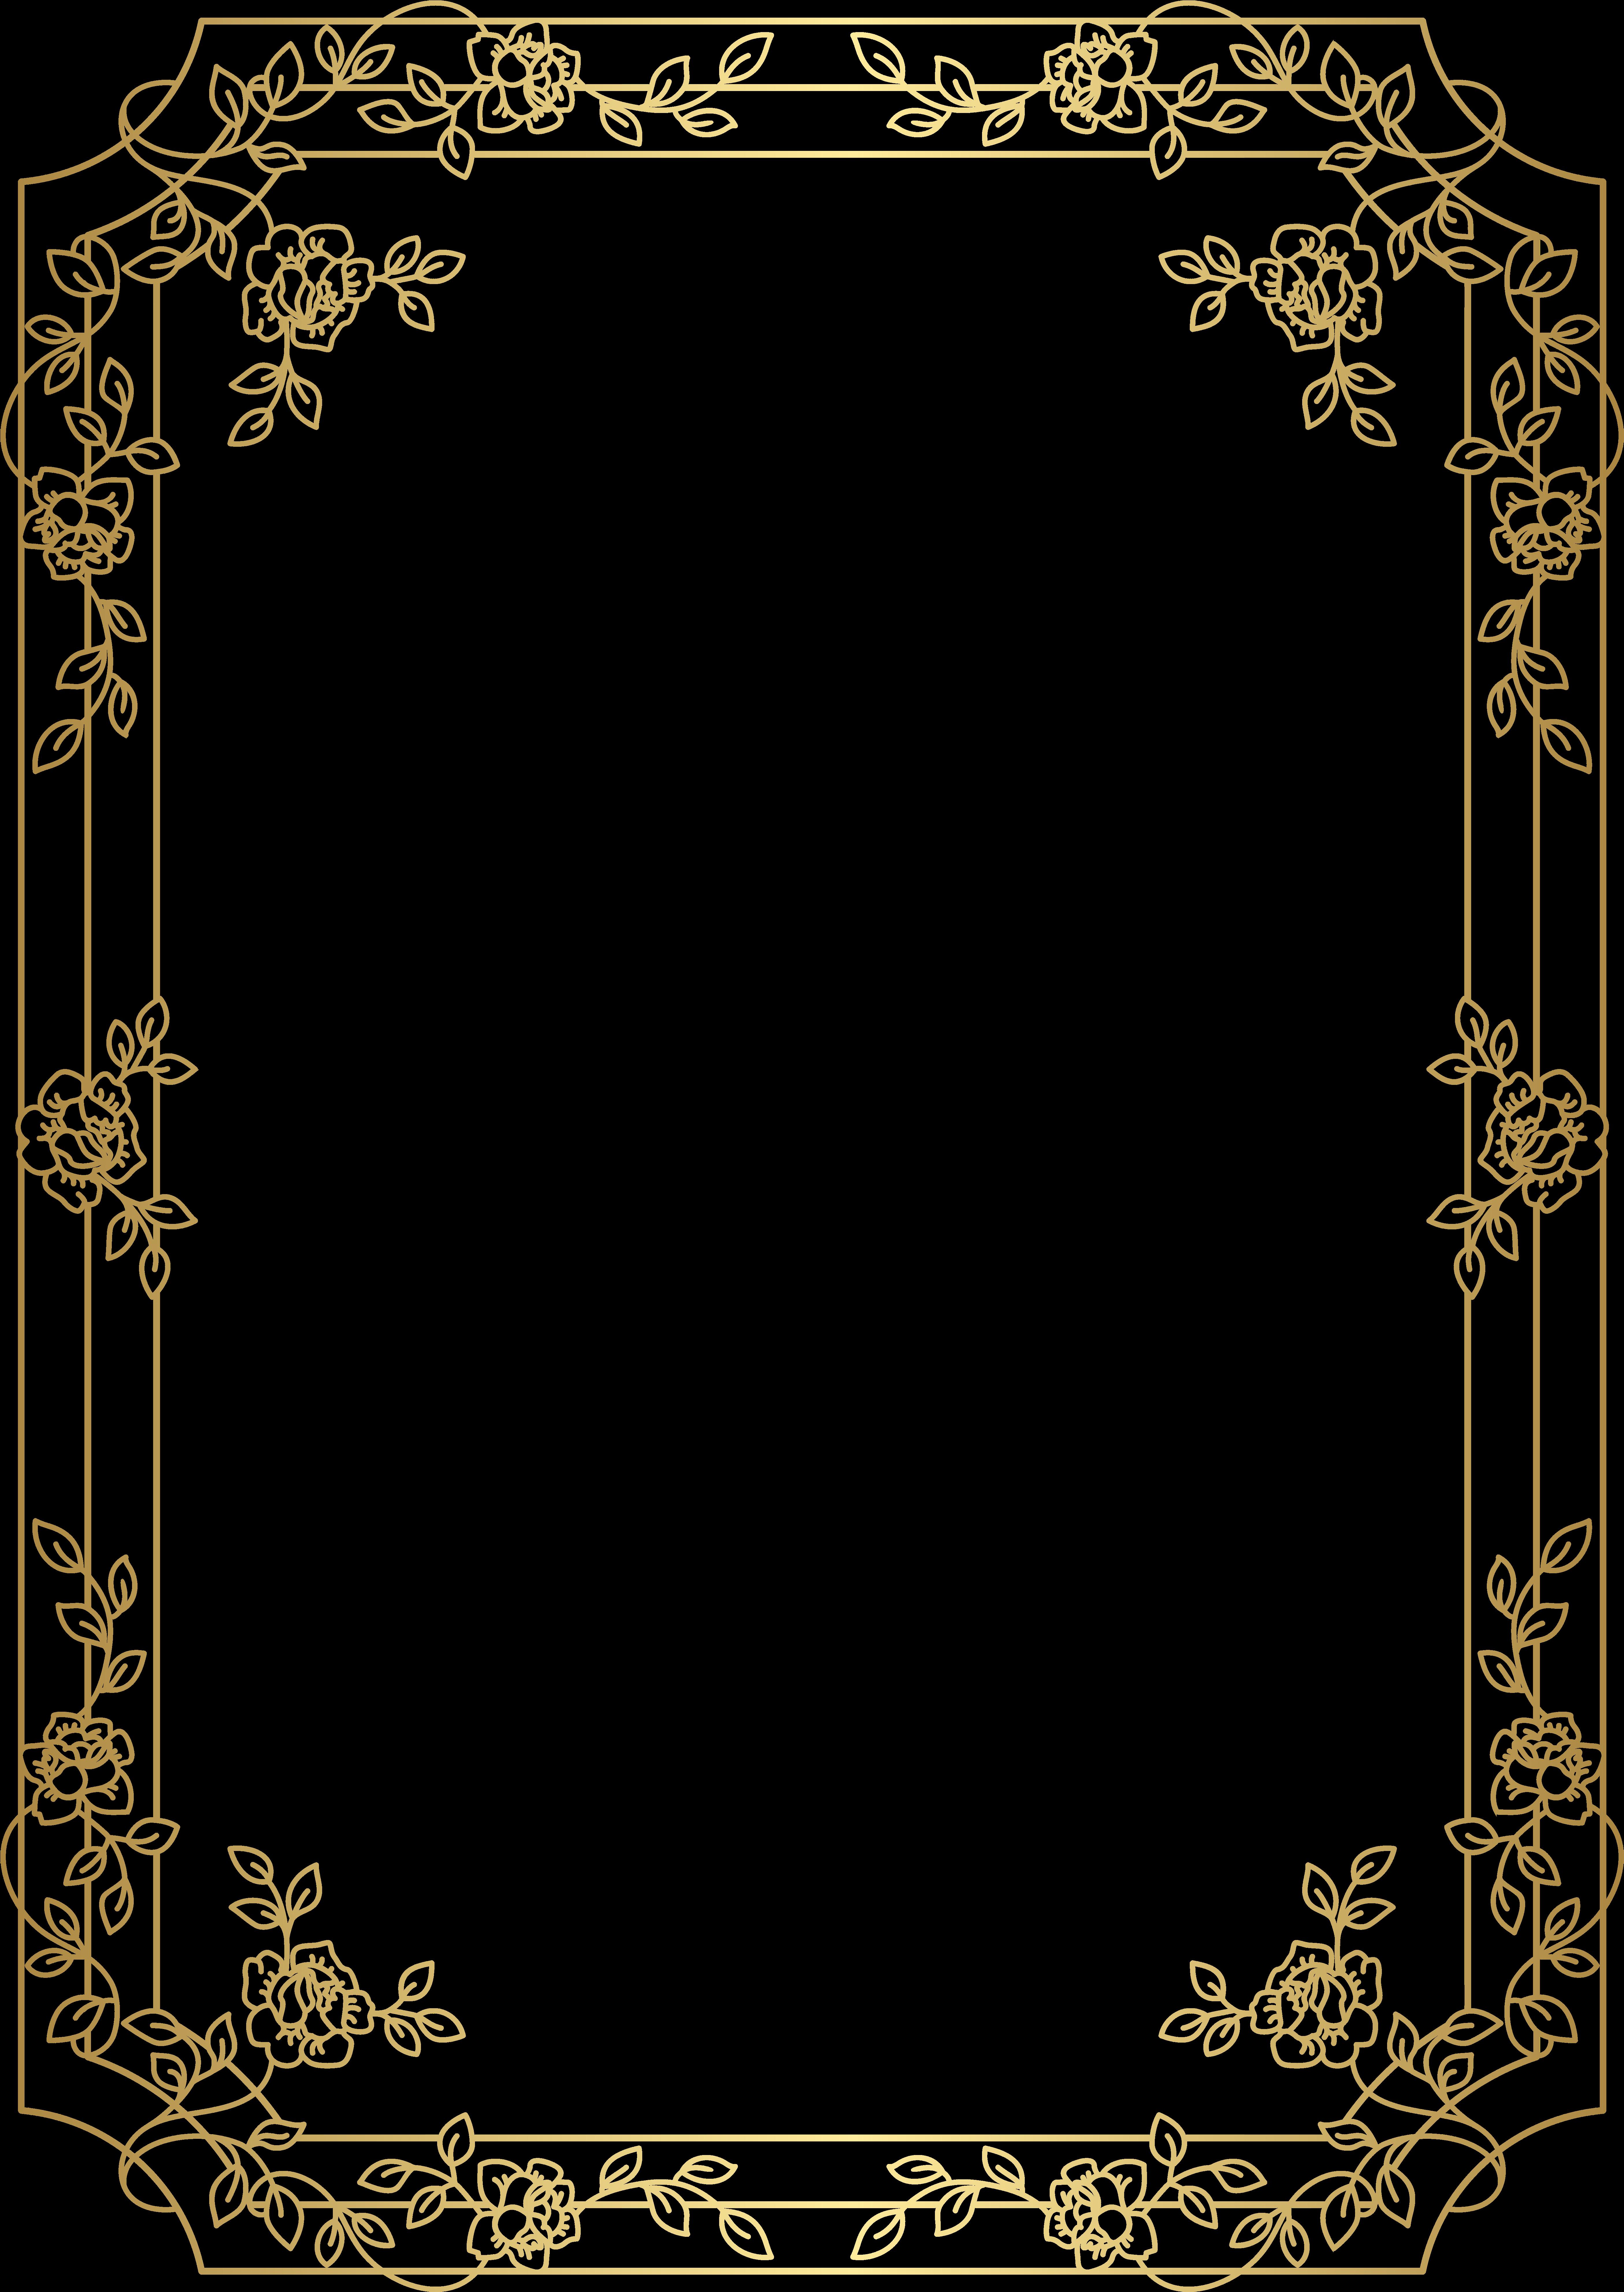 Download Hd Deco Border Frame Png Clip Art Art Deco Frame Png Transparent Png Image Nicepng Com